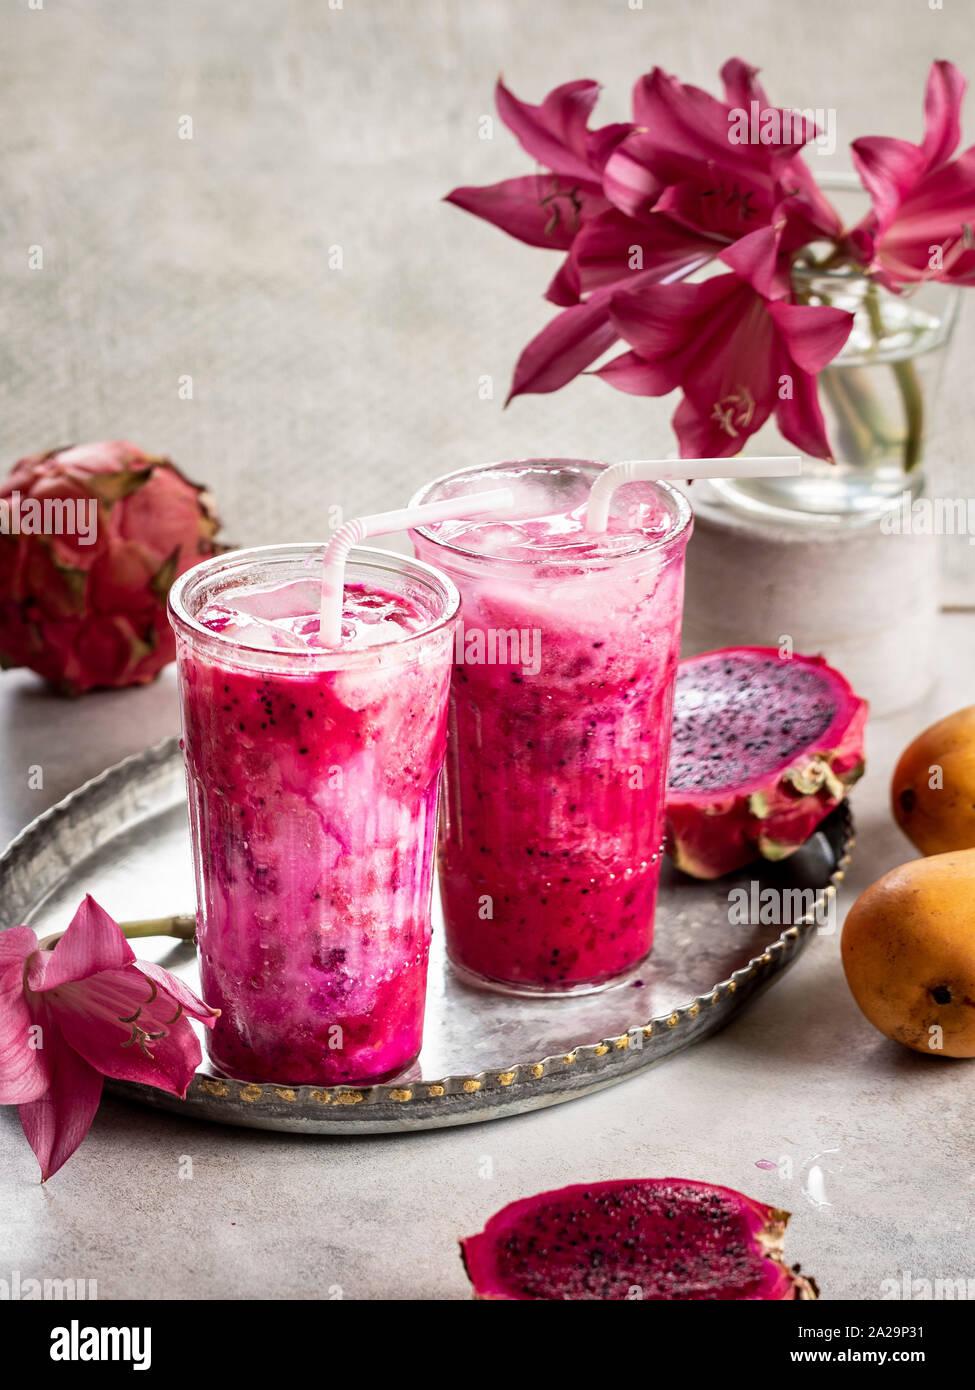 Drago di mango frullato di frutta con latte di cocco sul tavolo Foto Stock